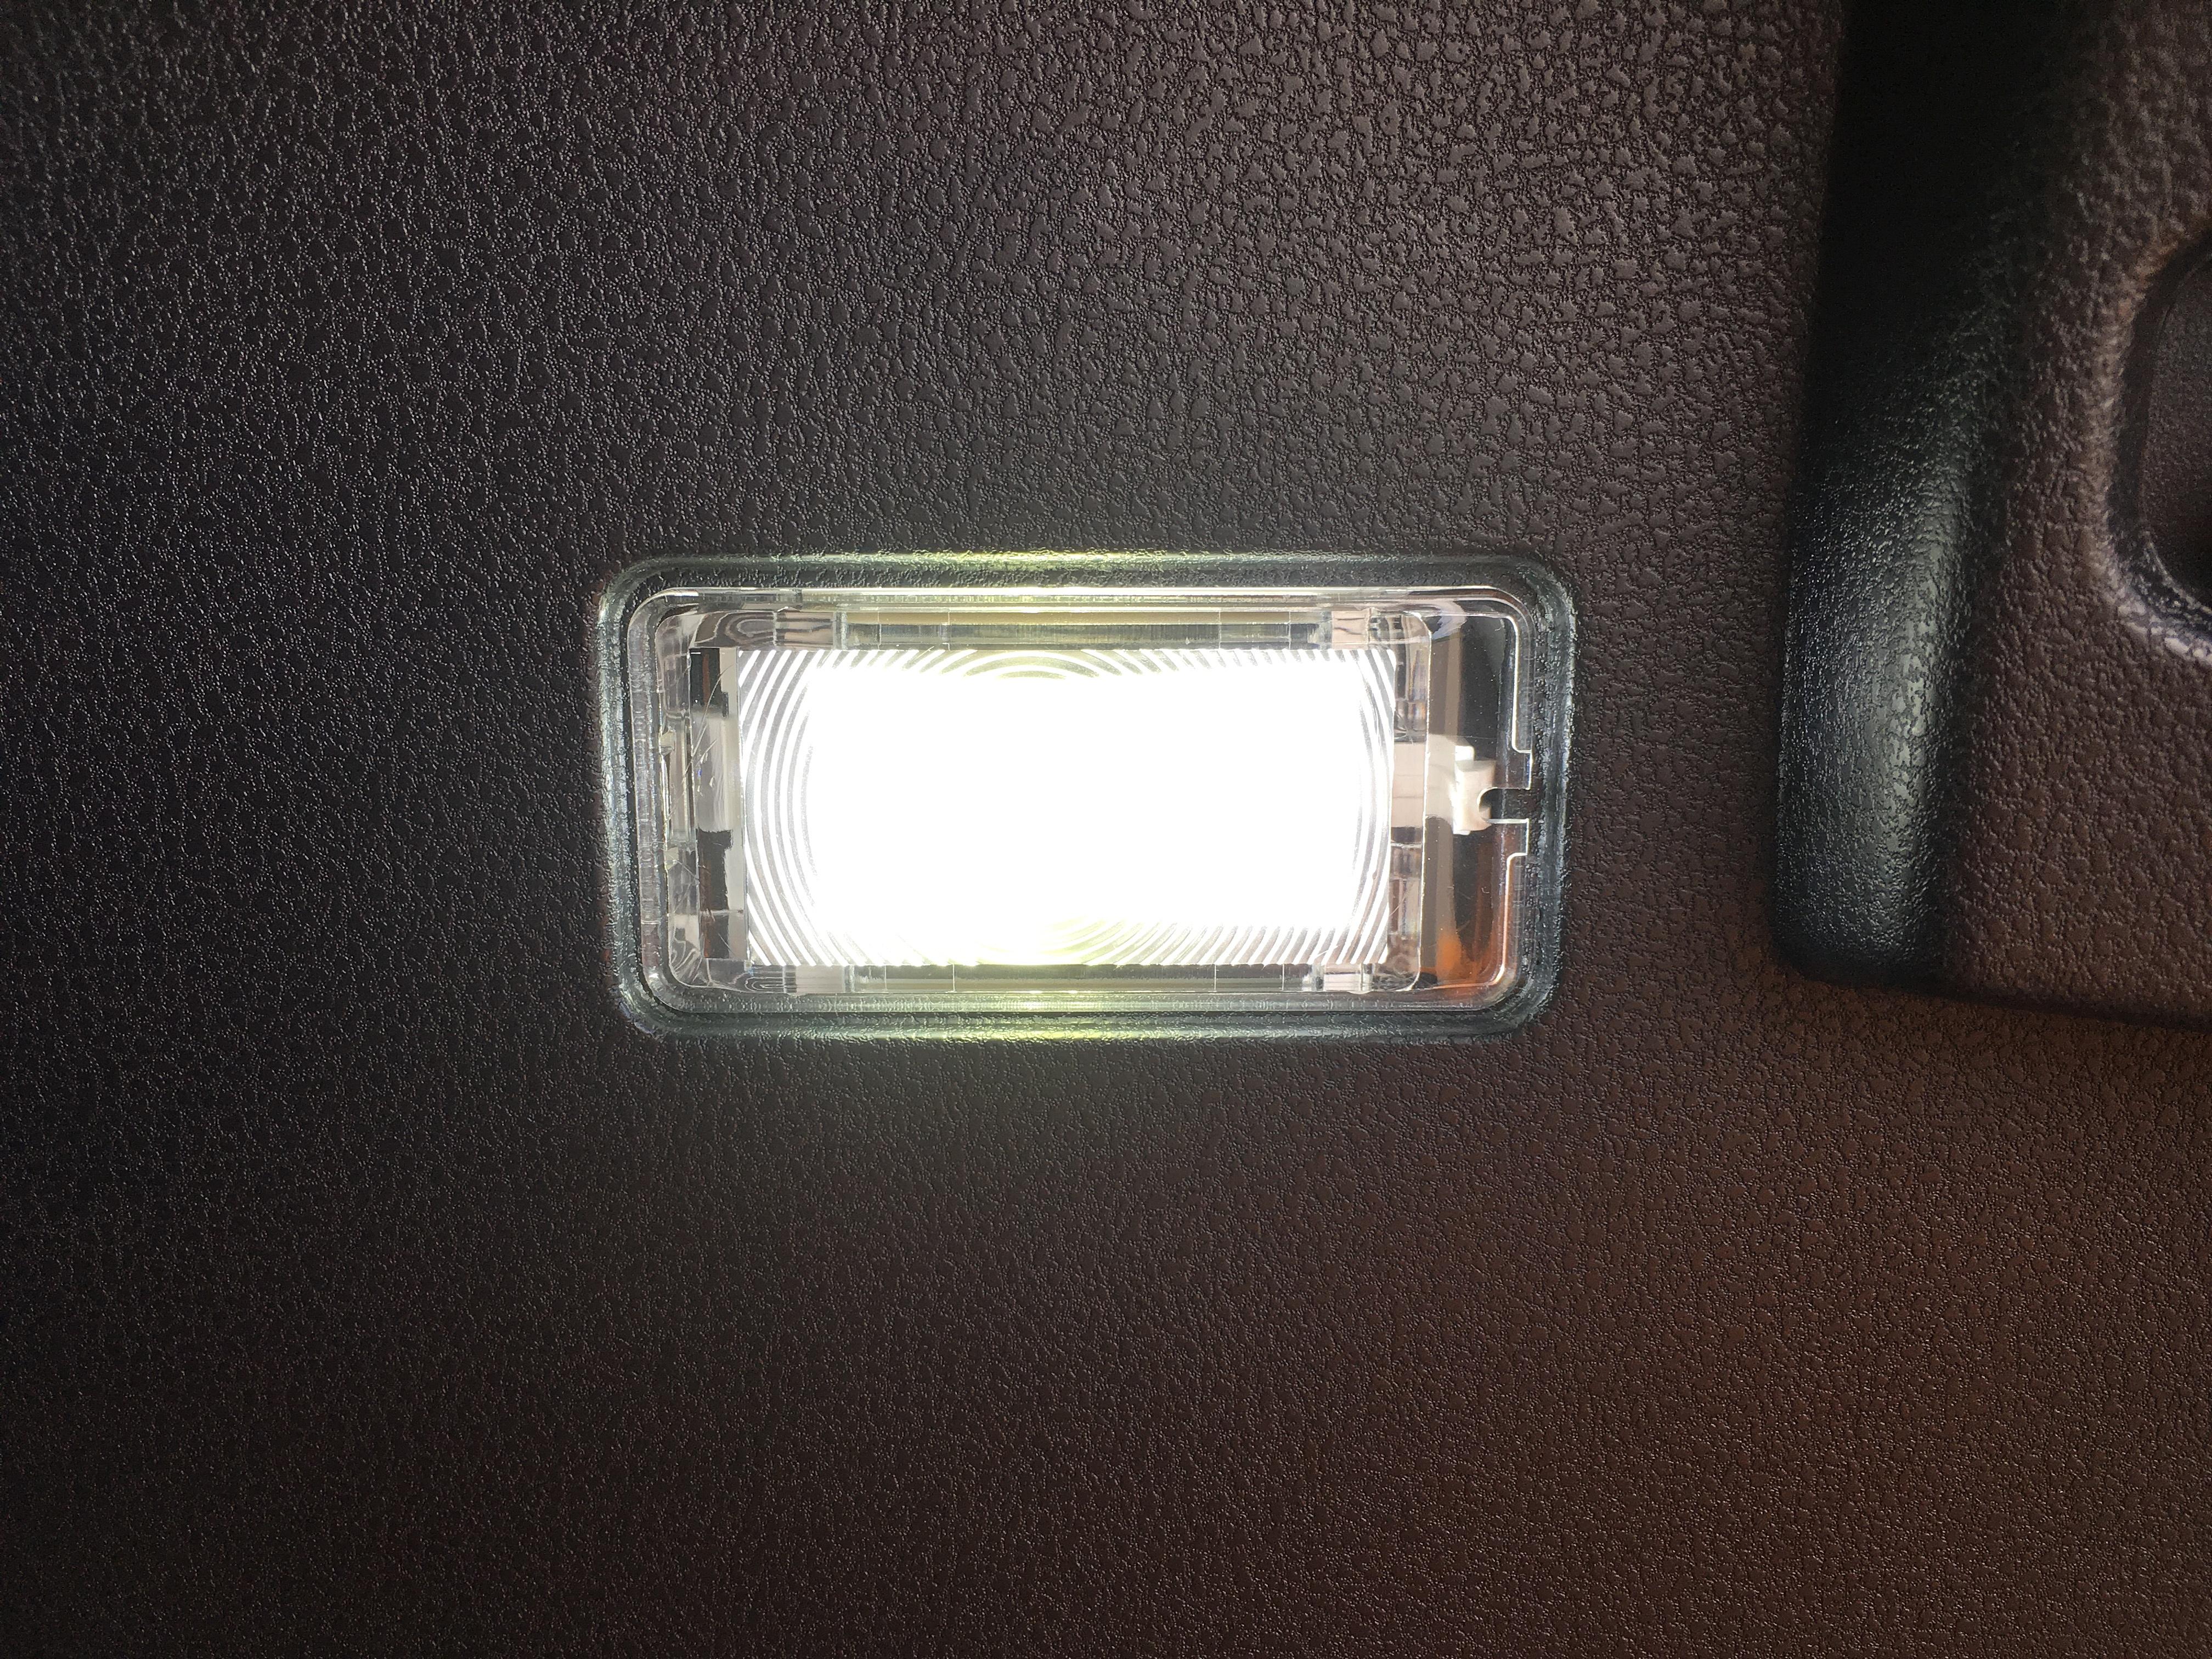 ノート e-POWER トランクルームLEDランプアップ.JPG